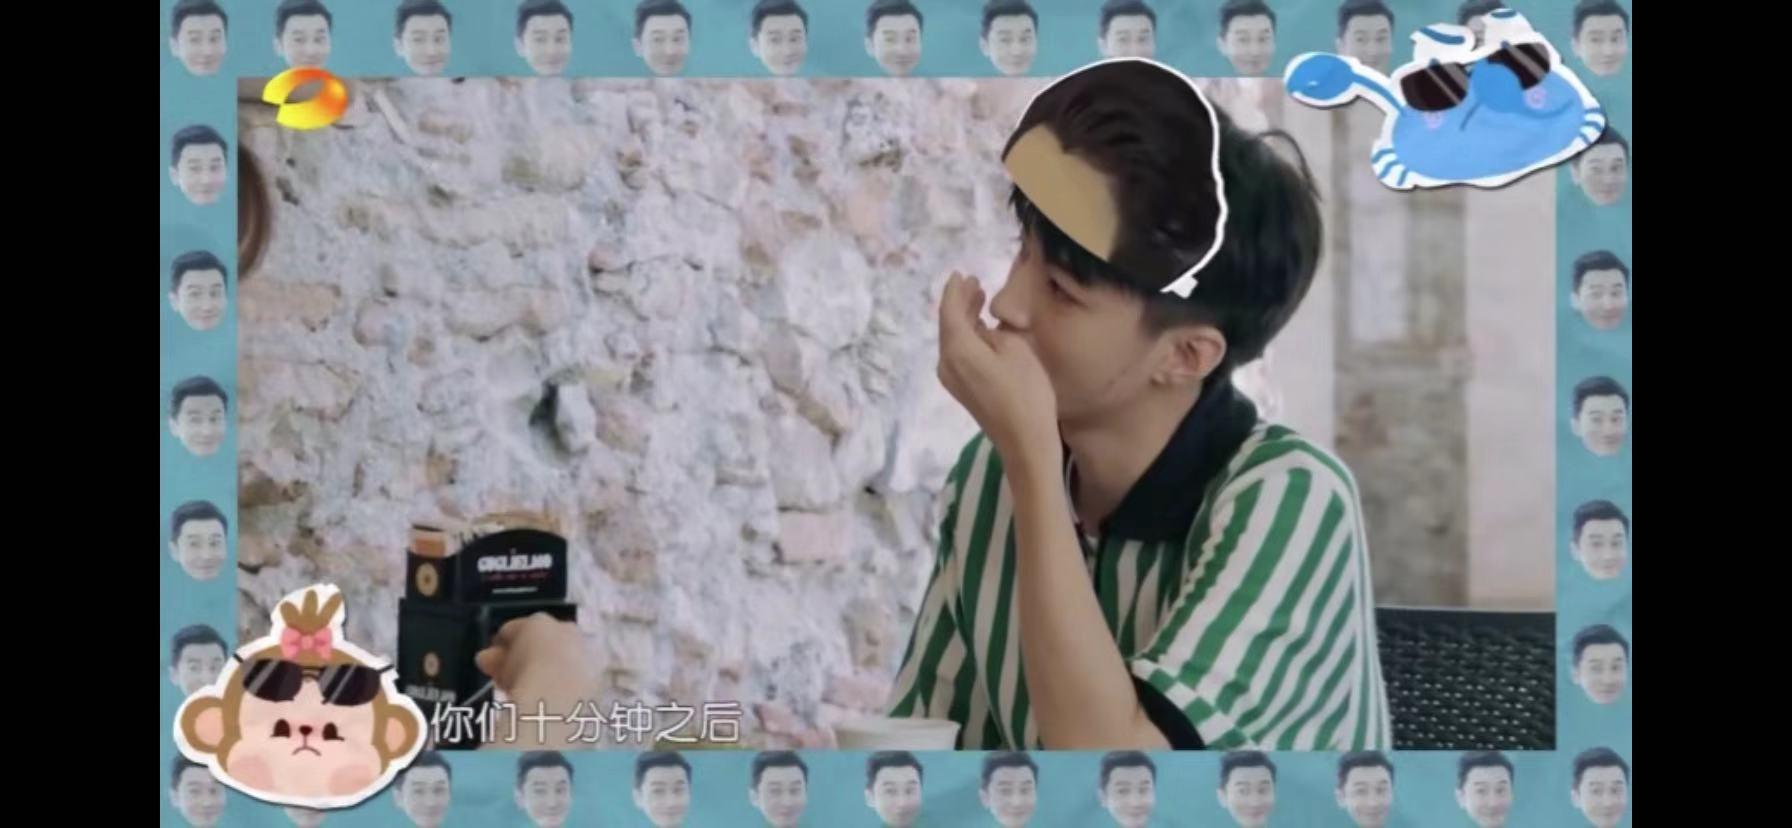 王俊凯杨紫模仿黄晓明,这事被他发现了,杨紫